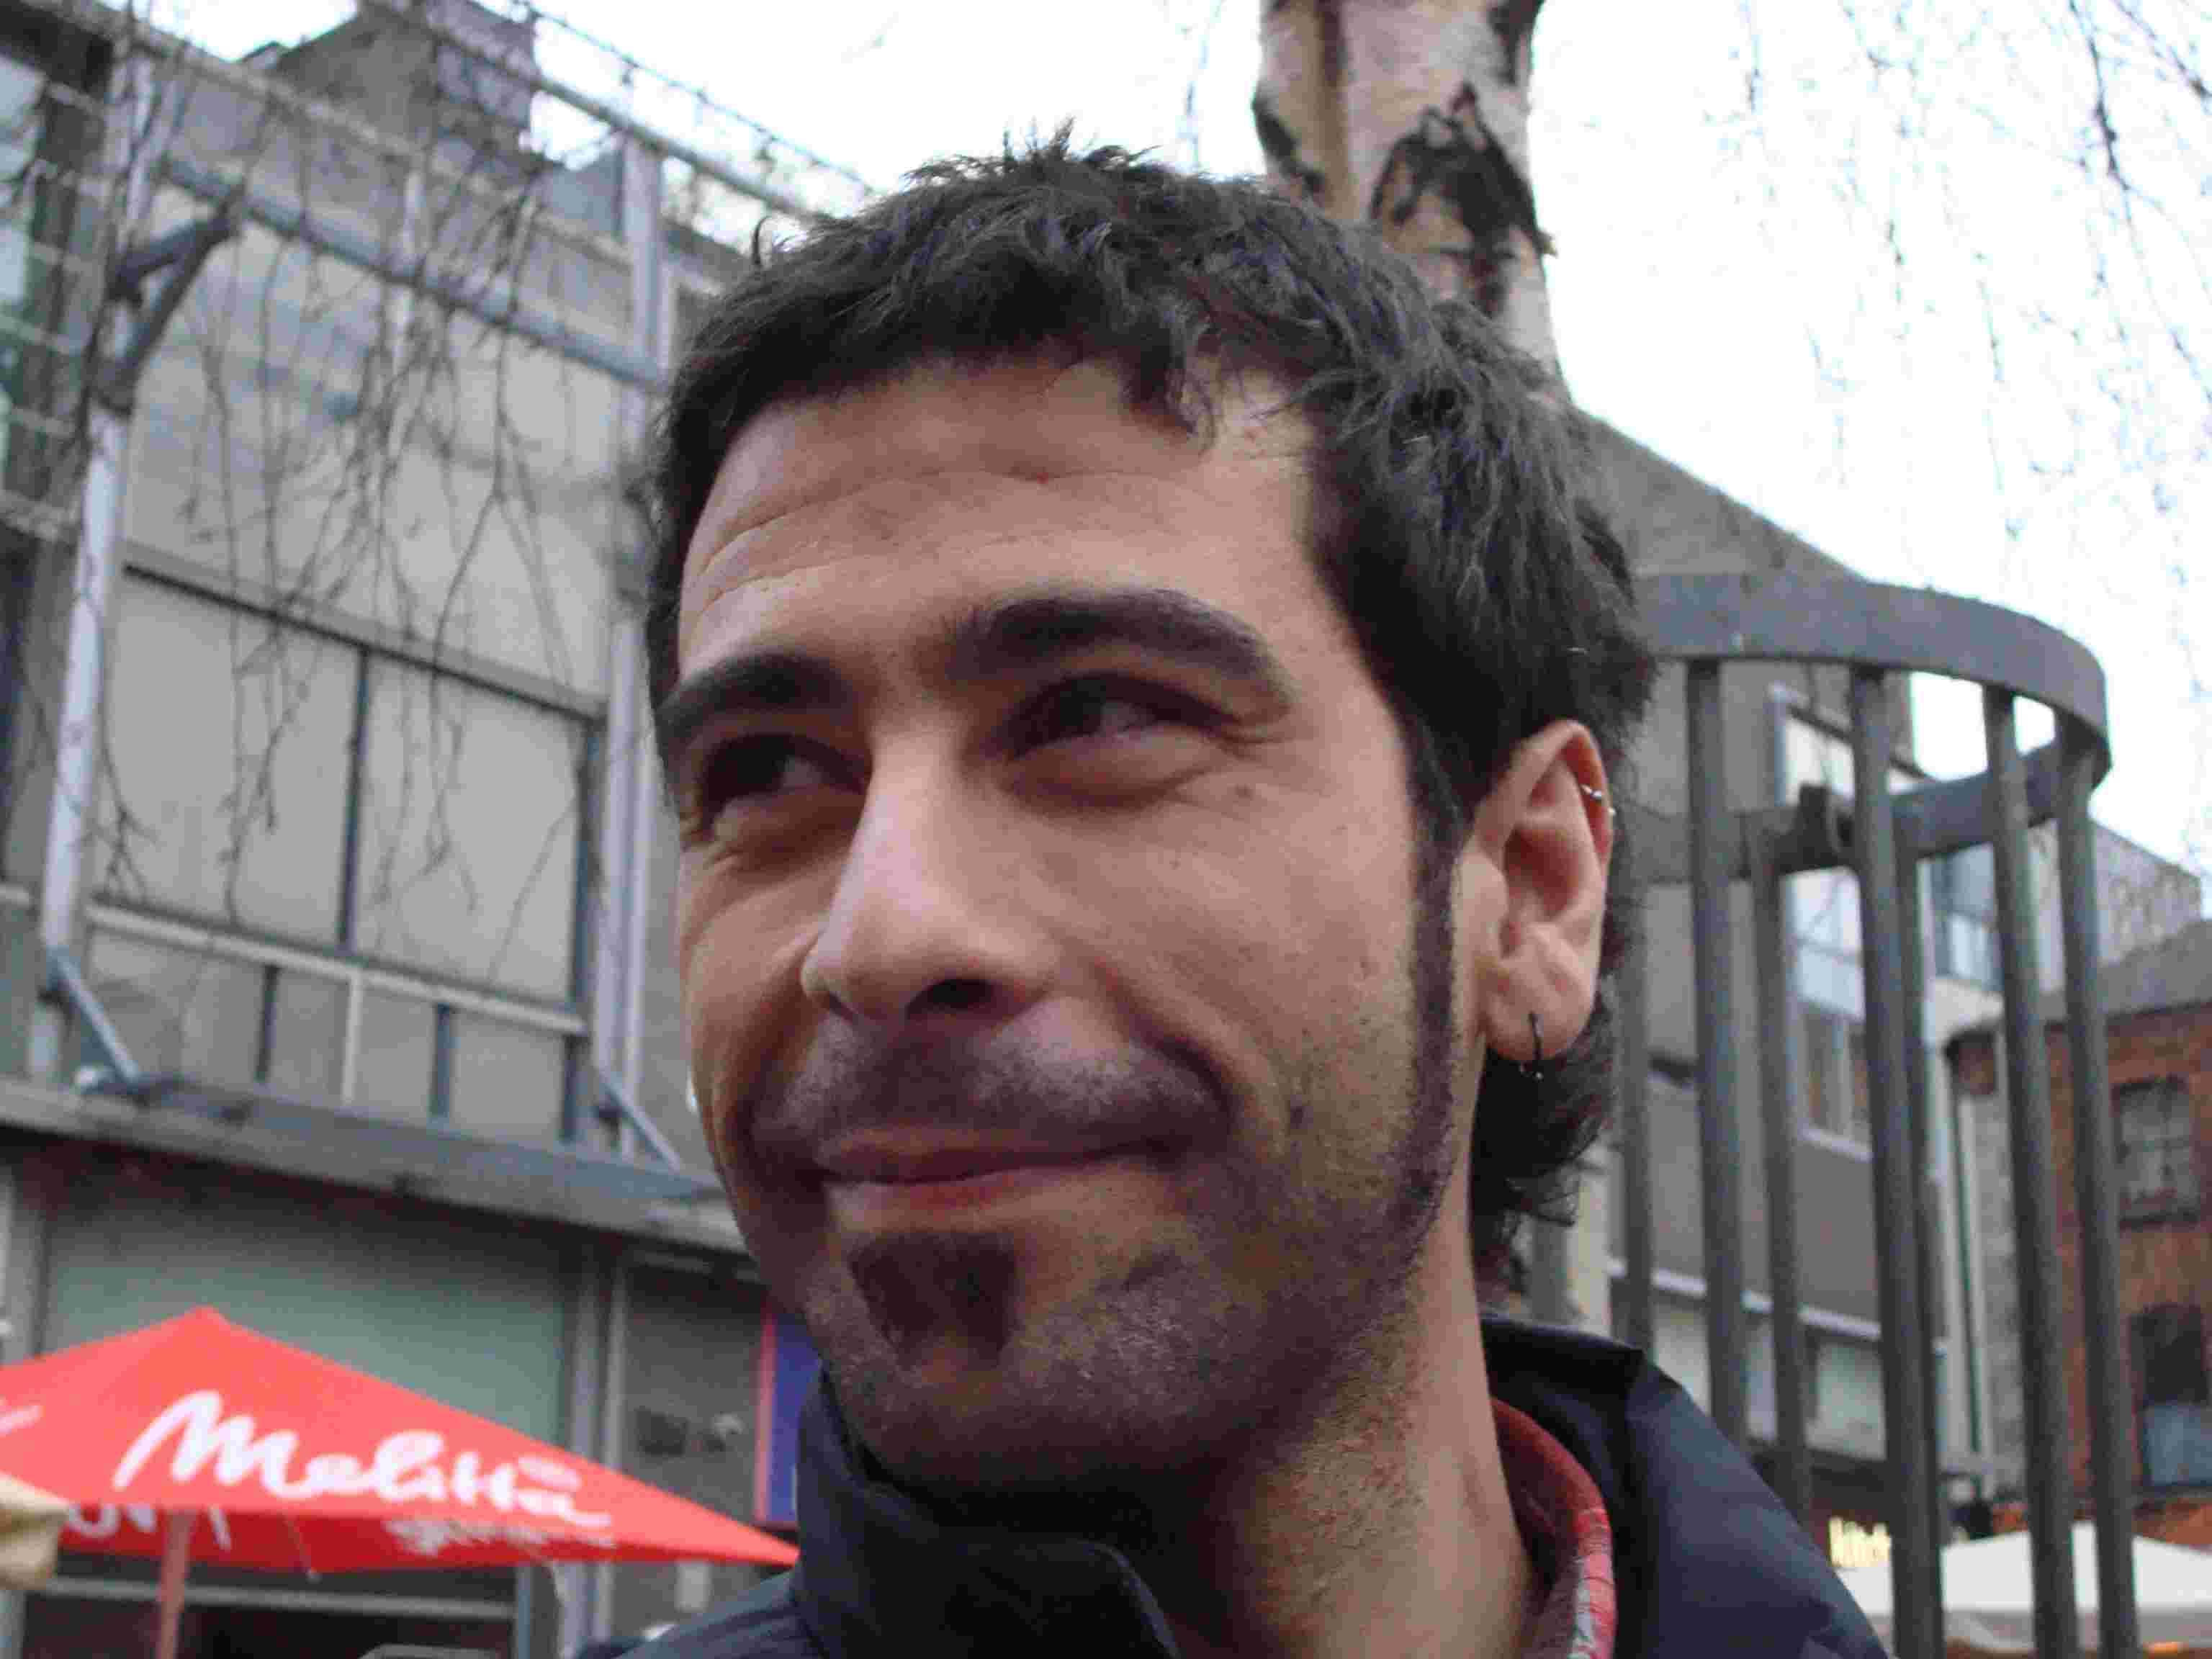 """Oscar Malvicio: """"La realidad no se calma escribiendo"""" - OscarMalvicio - Oscar Malvicio: """"La realidad no se calma escribiendo"""""""